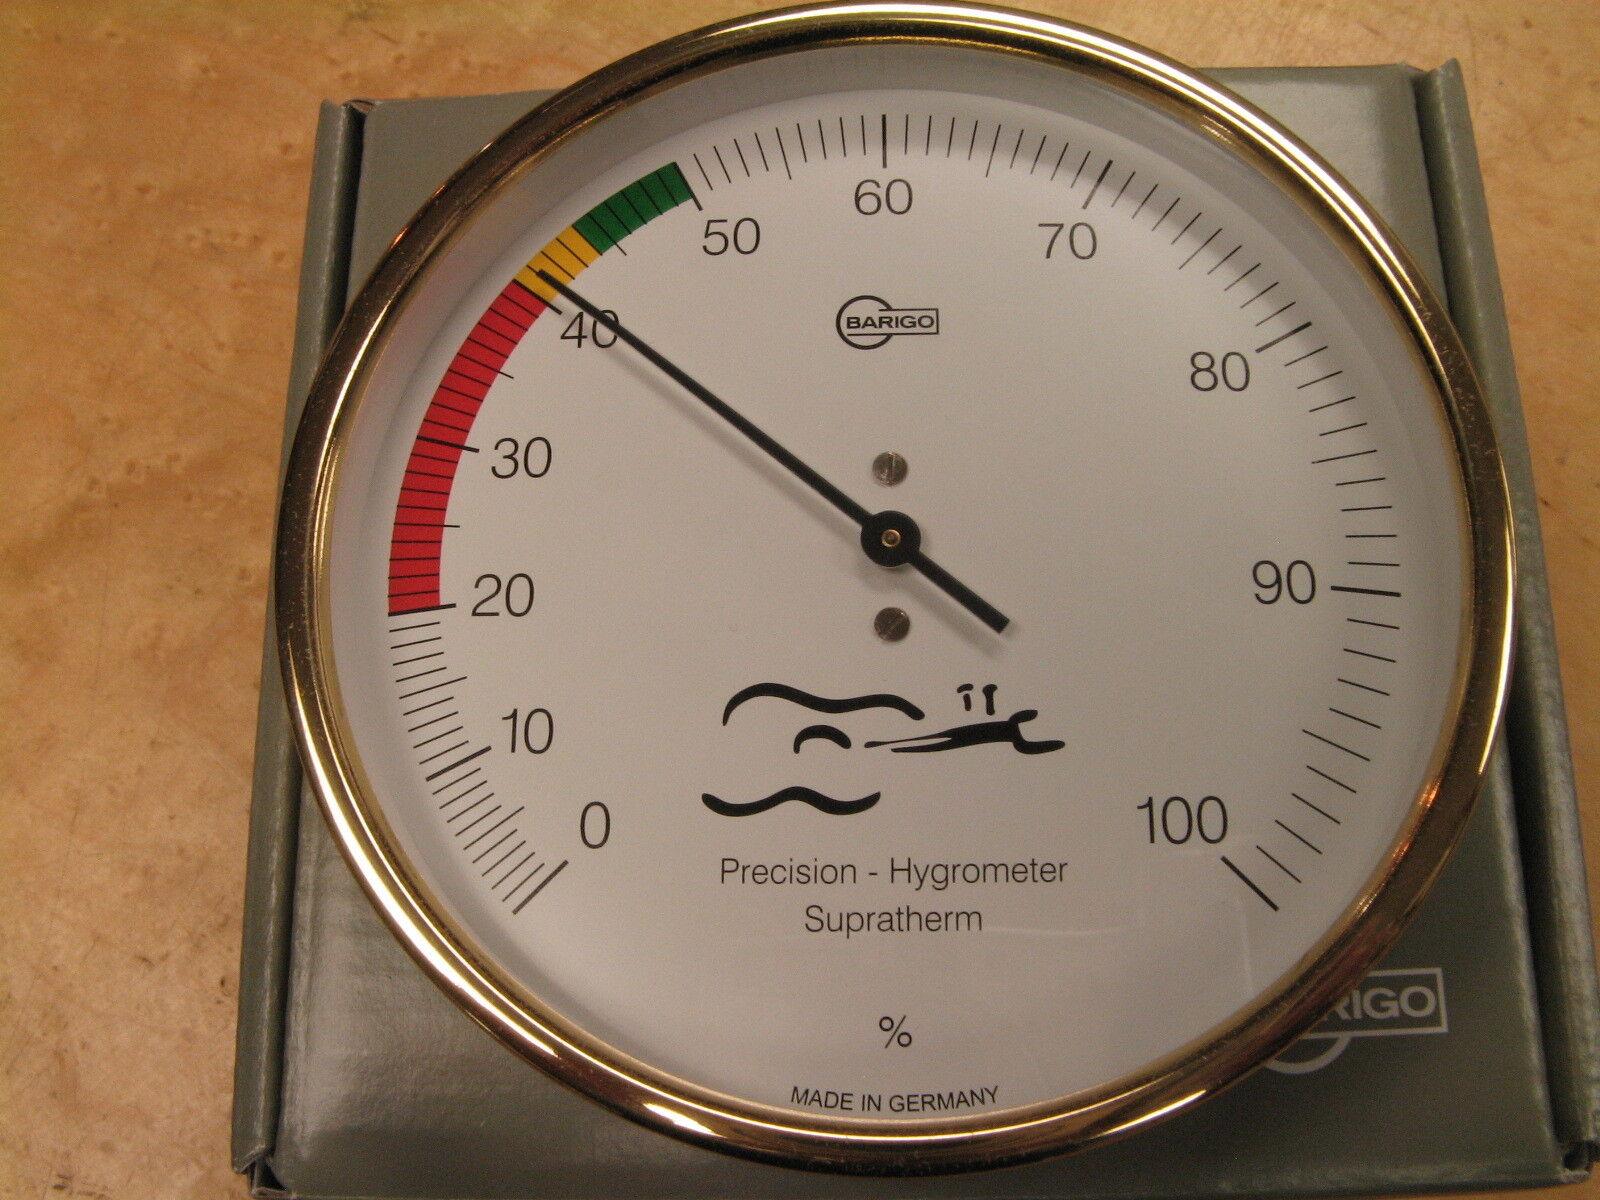 Guitar Hygrometer, wissenschaftlicher Feuchtigkeitsmonitor, von Barigo, Kostenloser Versand